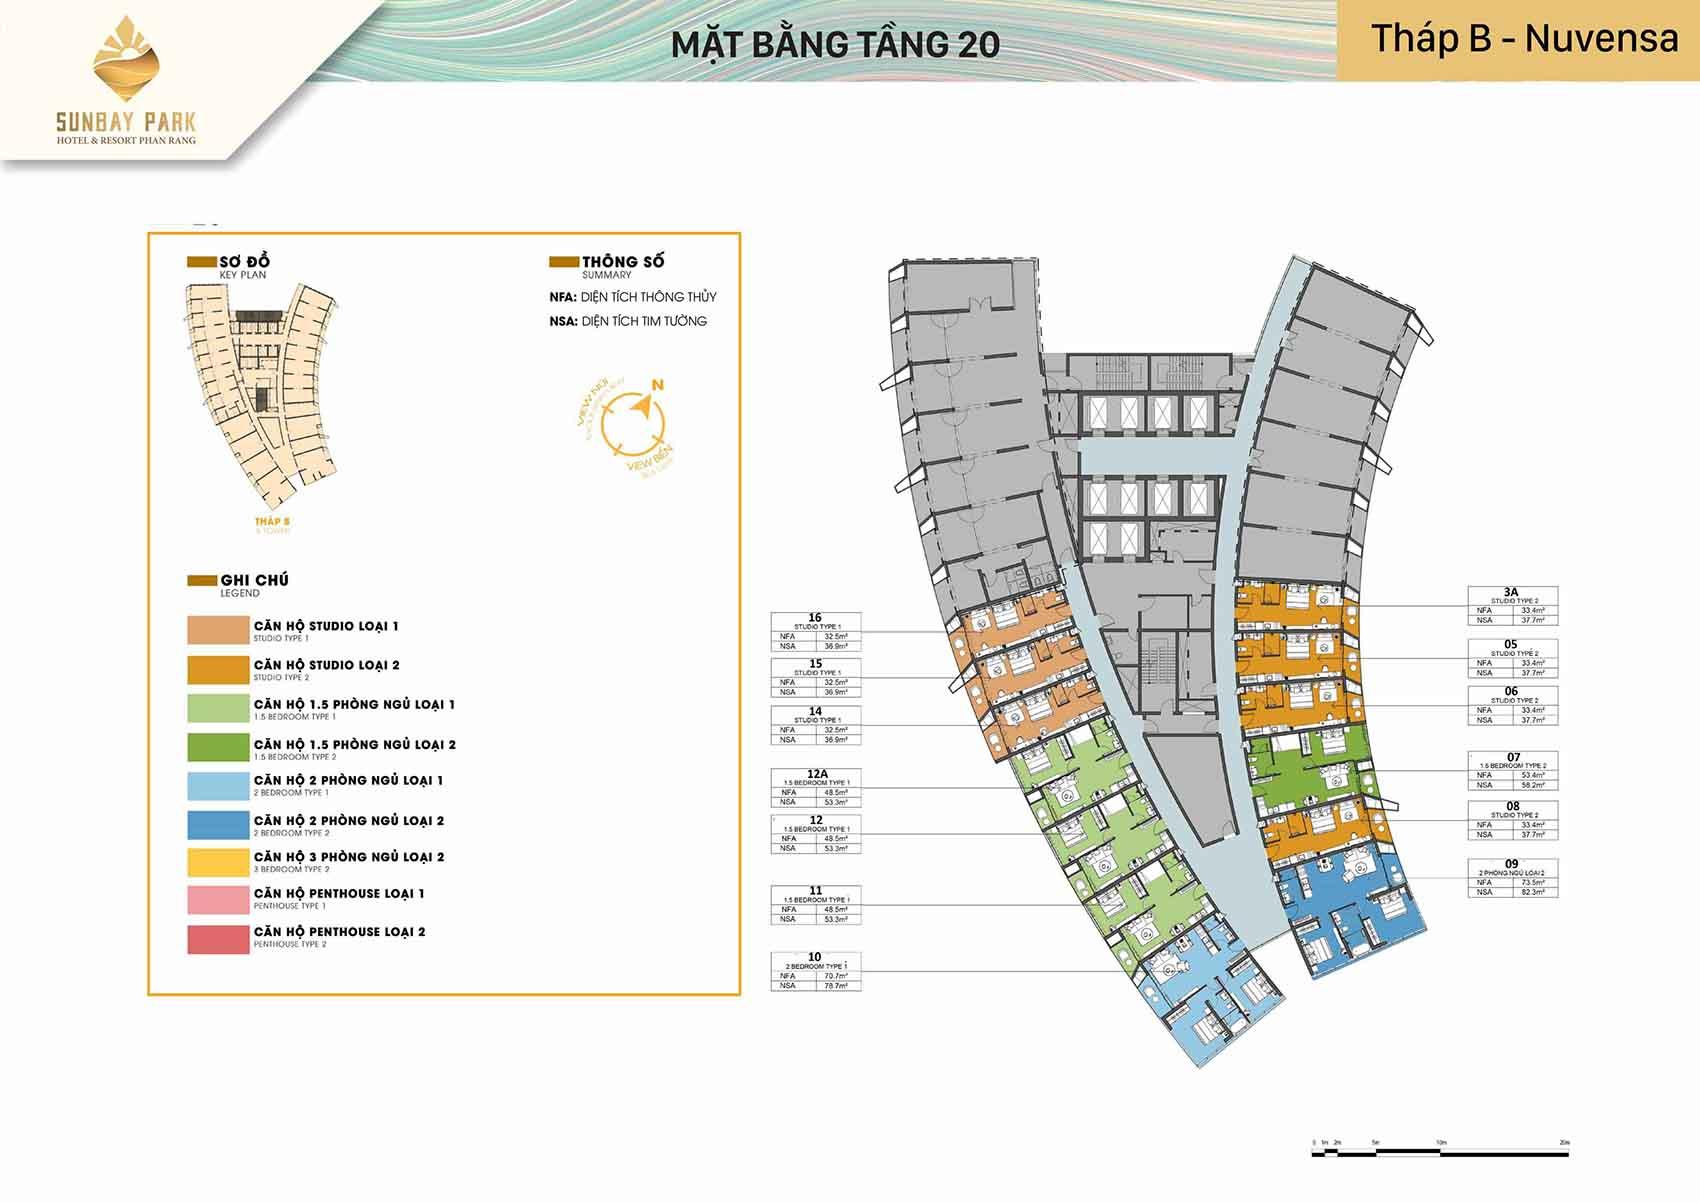 Mặt bằng thiết kế tòa B Nuvensa tầng 20 dự án Sunbay Park Phan Rang Ninh Thuận